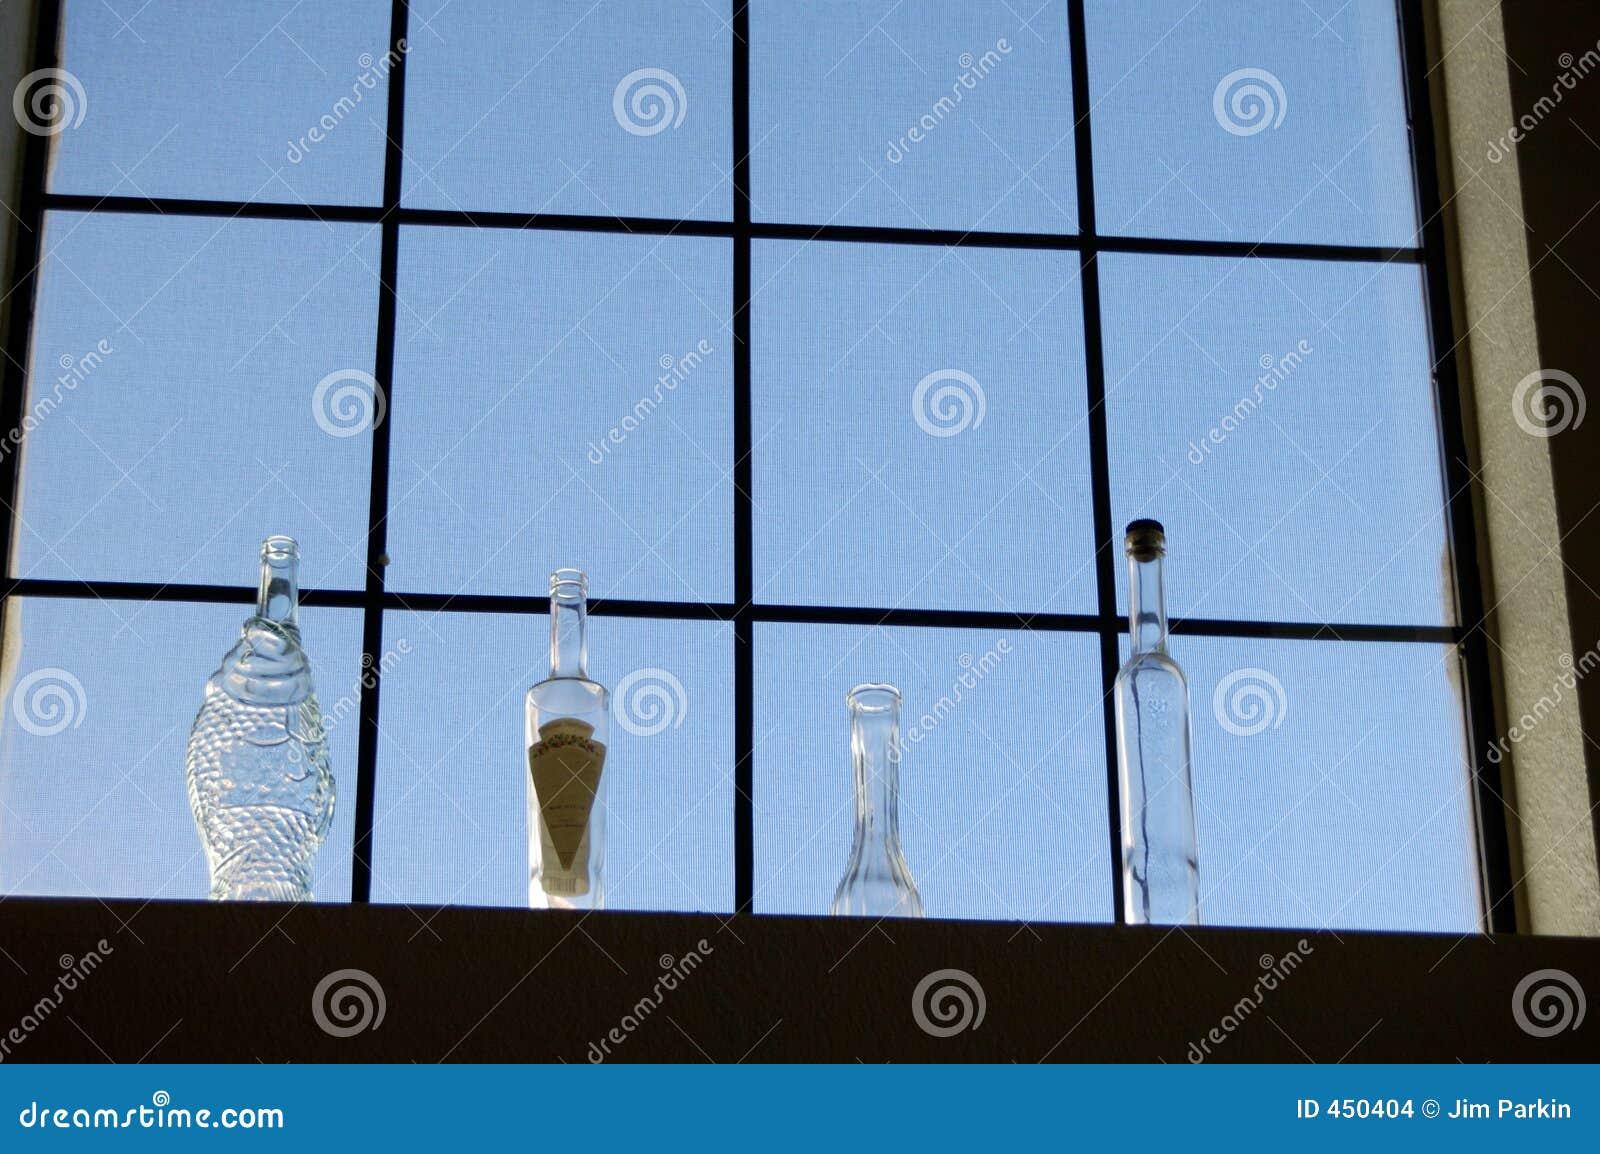 Bottles in a window 2